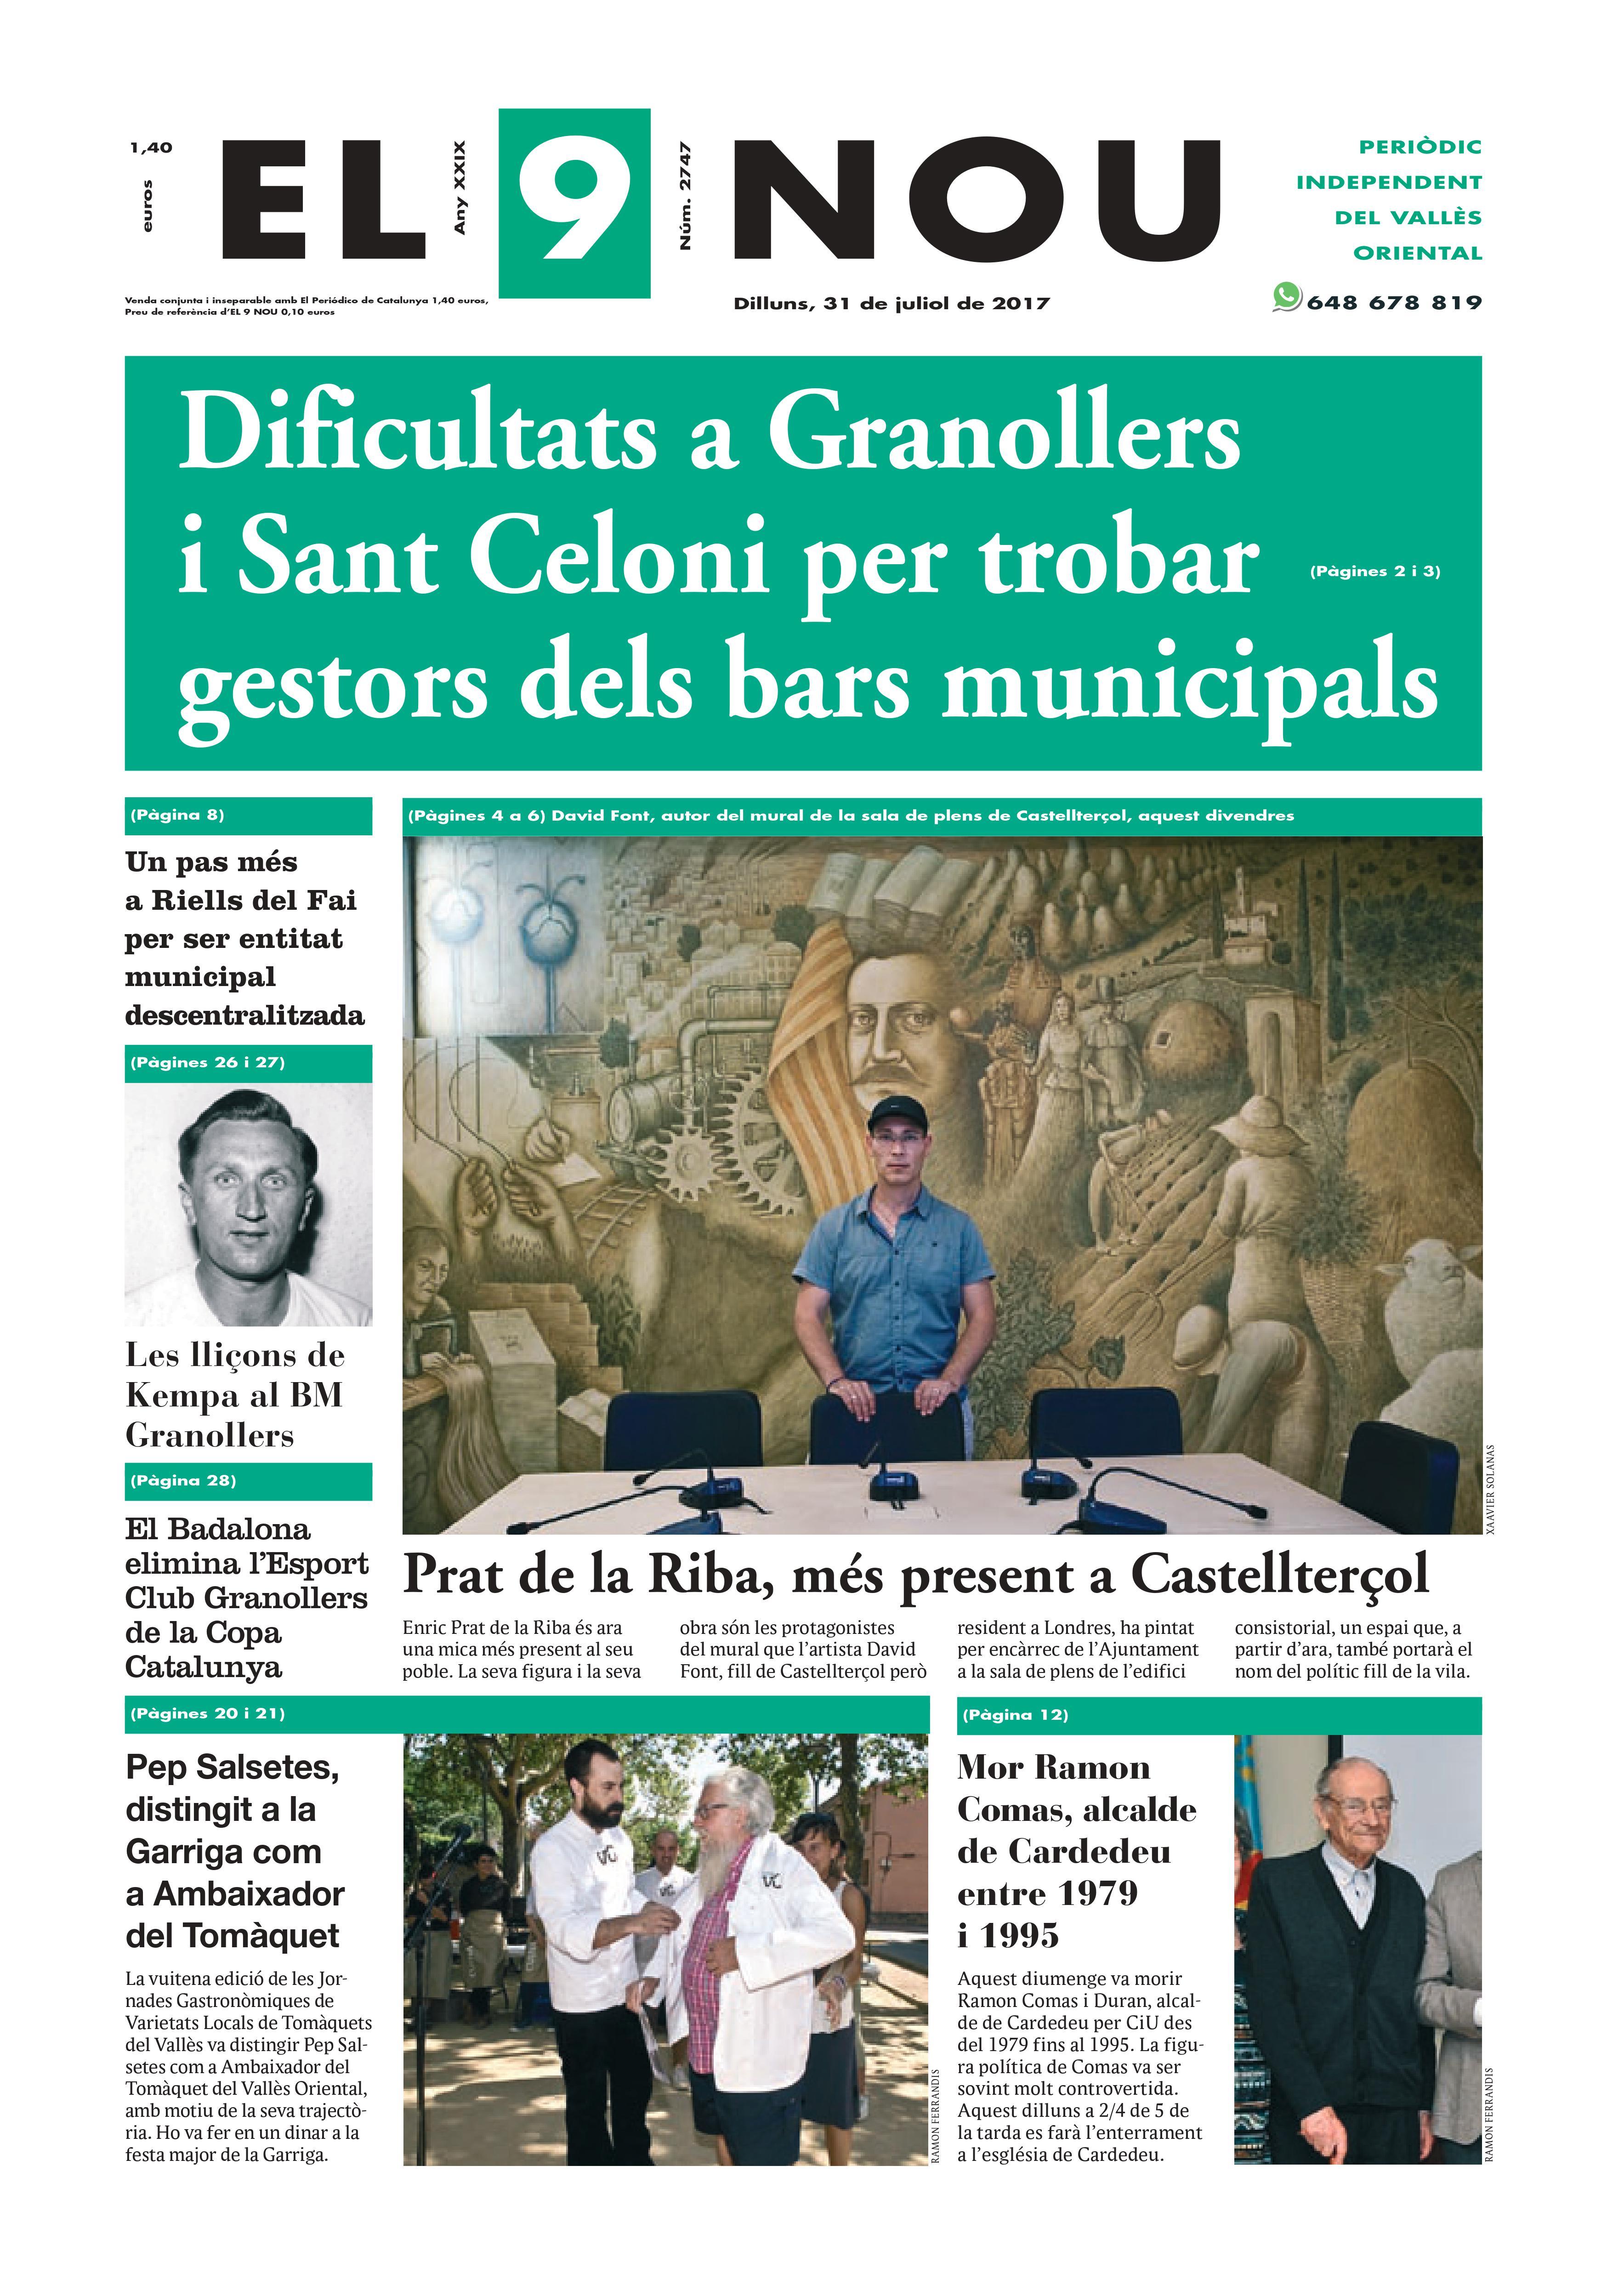 La portada del 31 de juliol de 2017